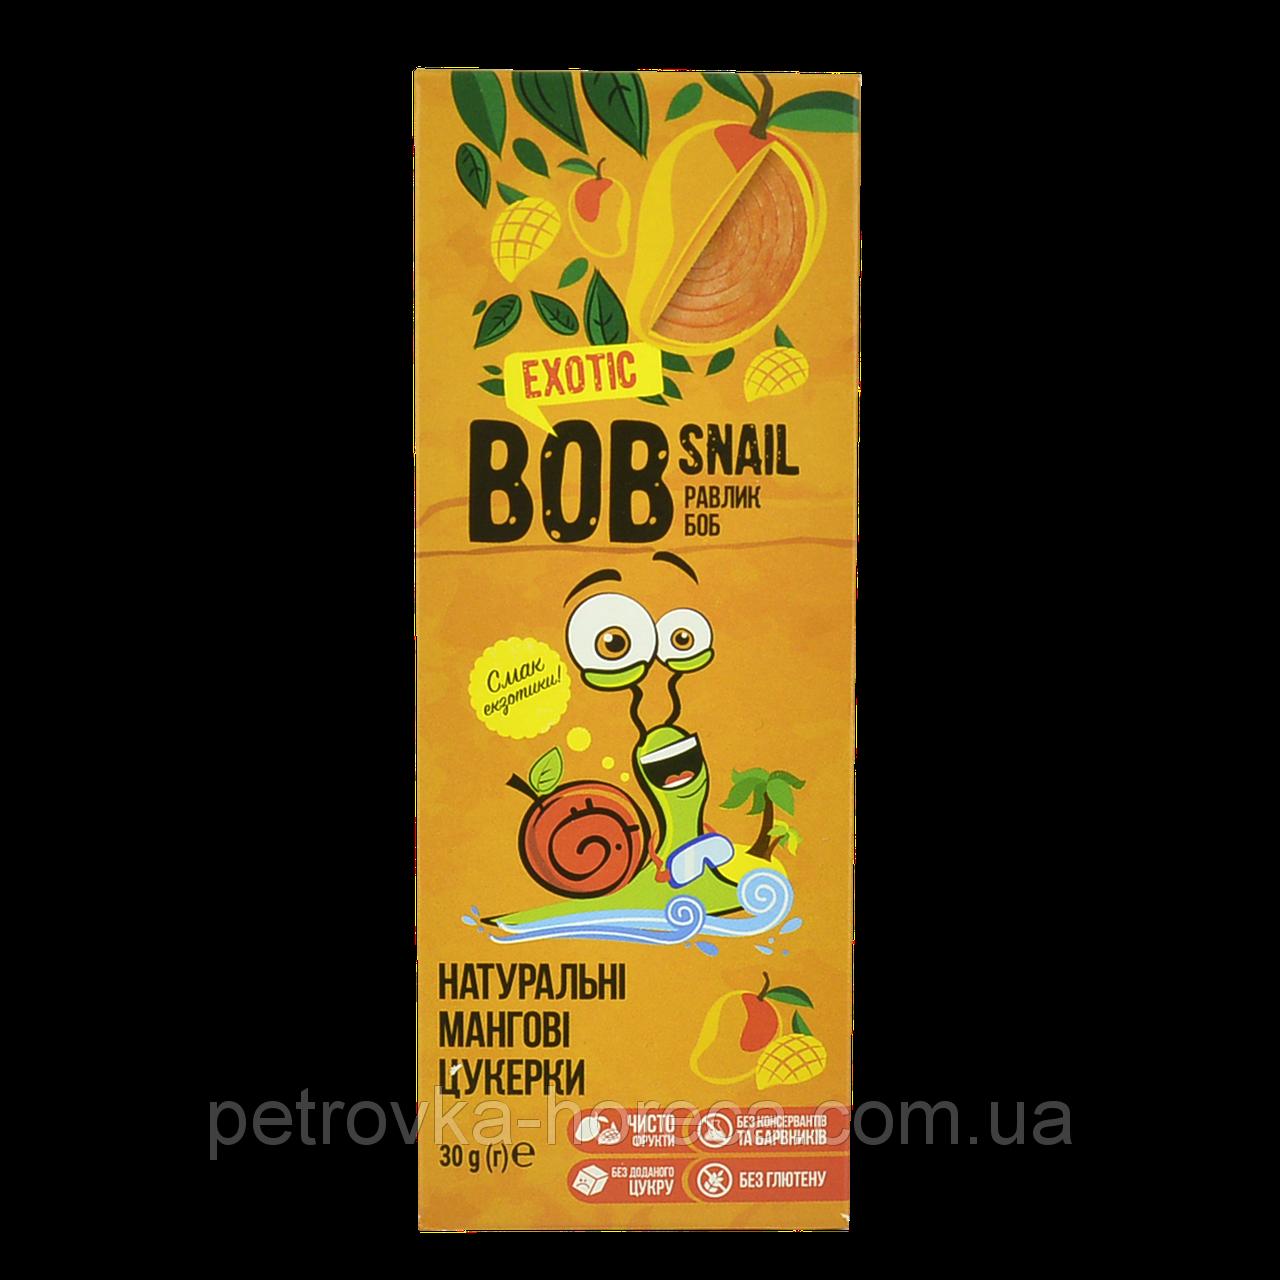 Конфеты BOB SNAIL Манго 30 грамм